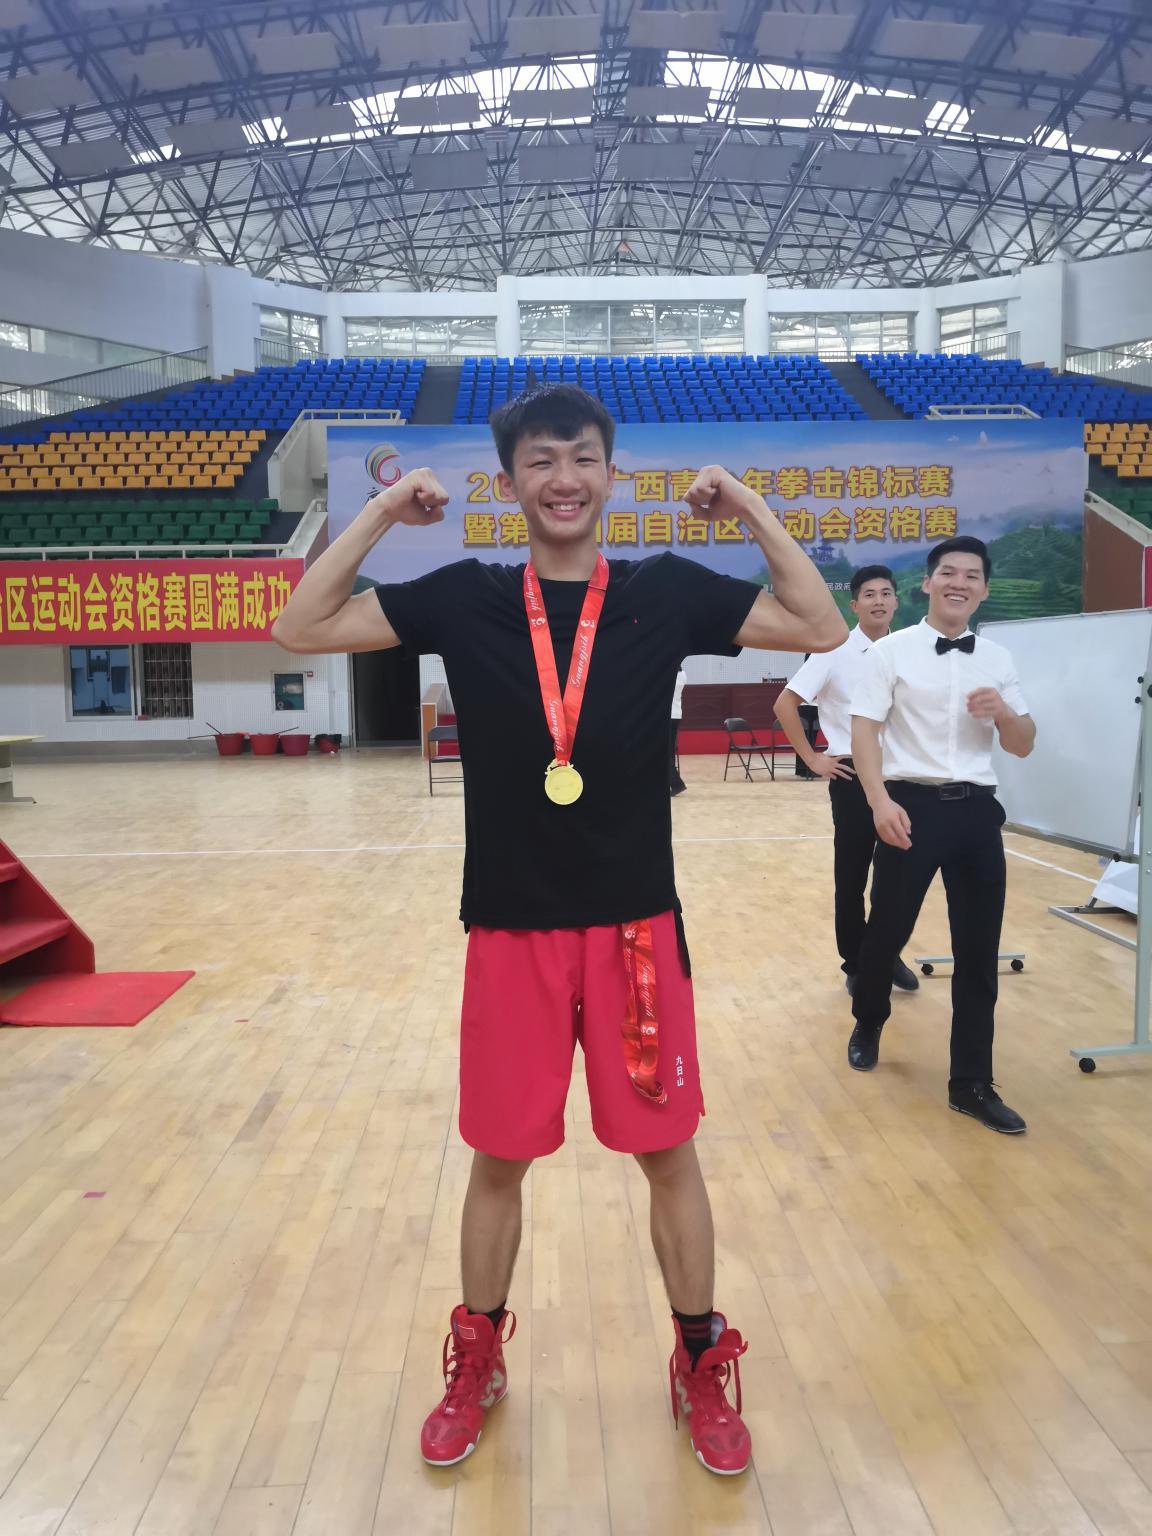 广西拳击锦标赛贺州选手陈致坚荣获男甲57公斤级金牌